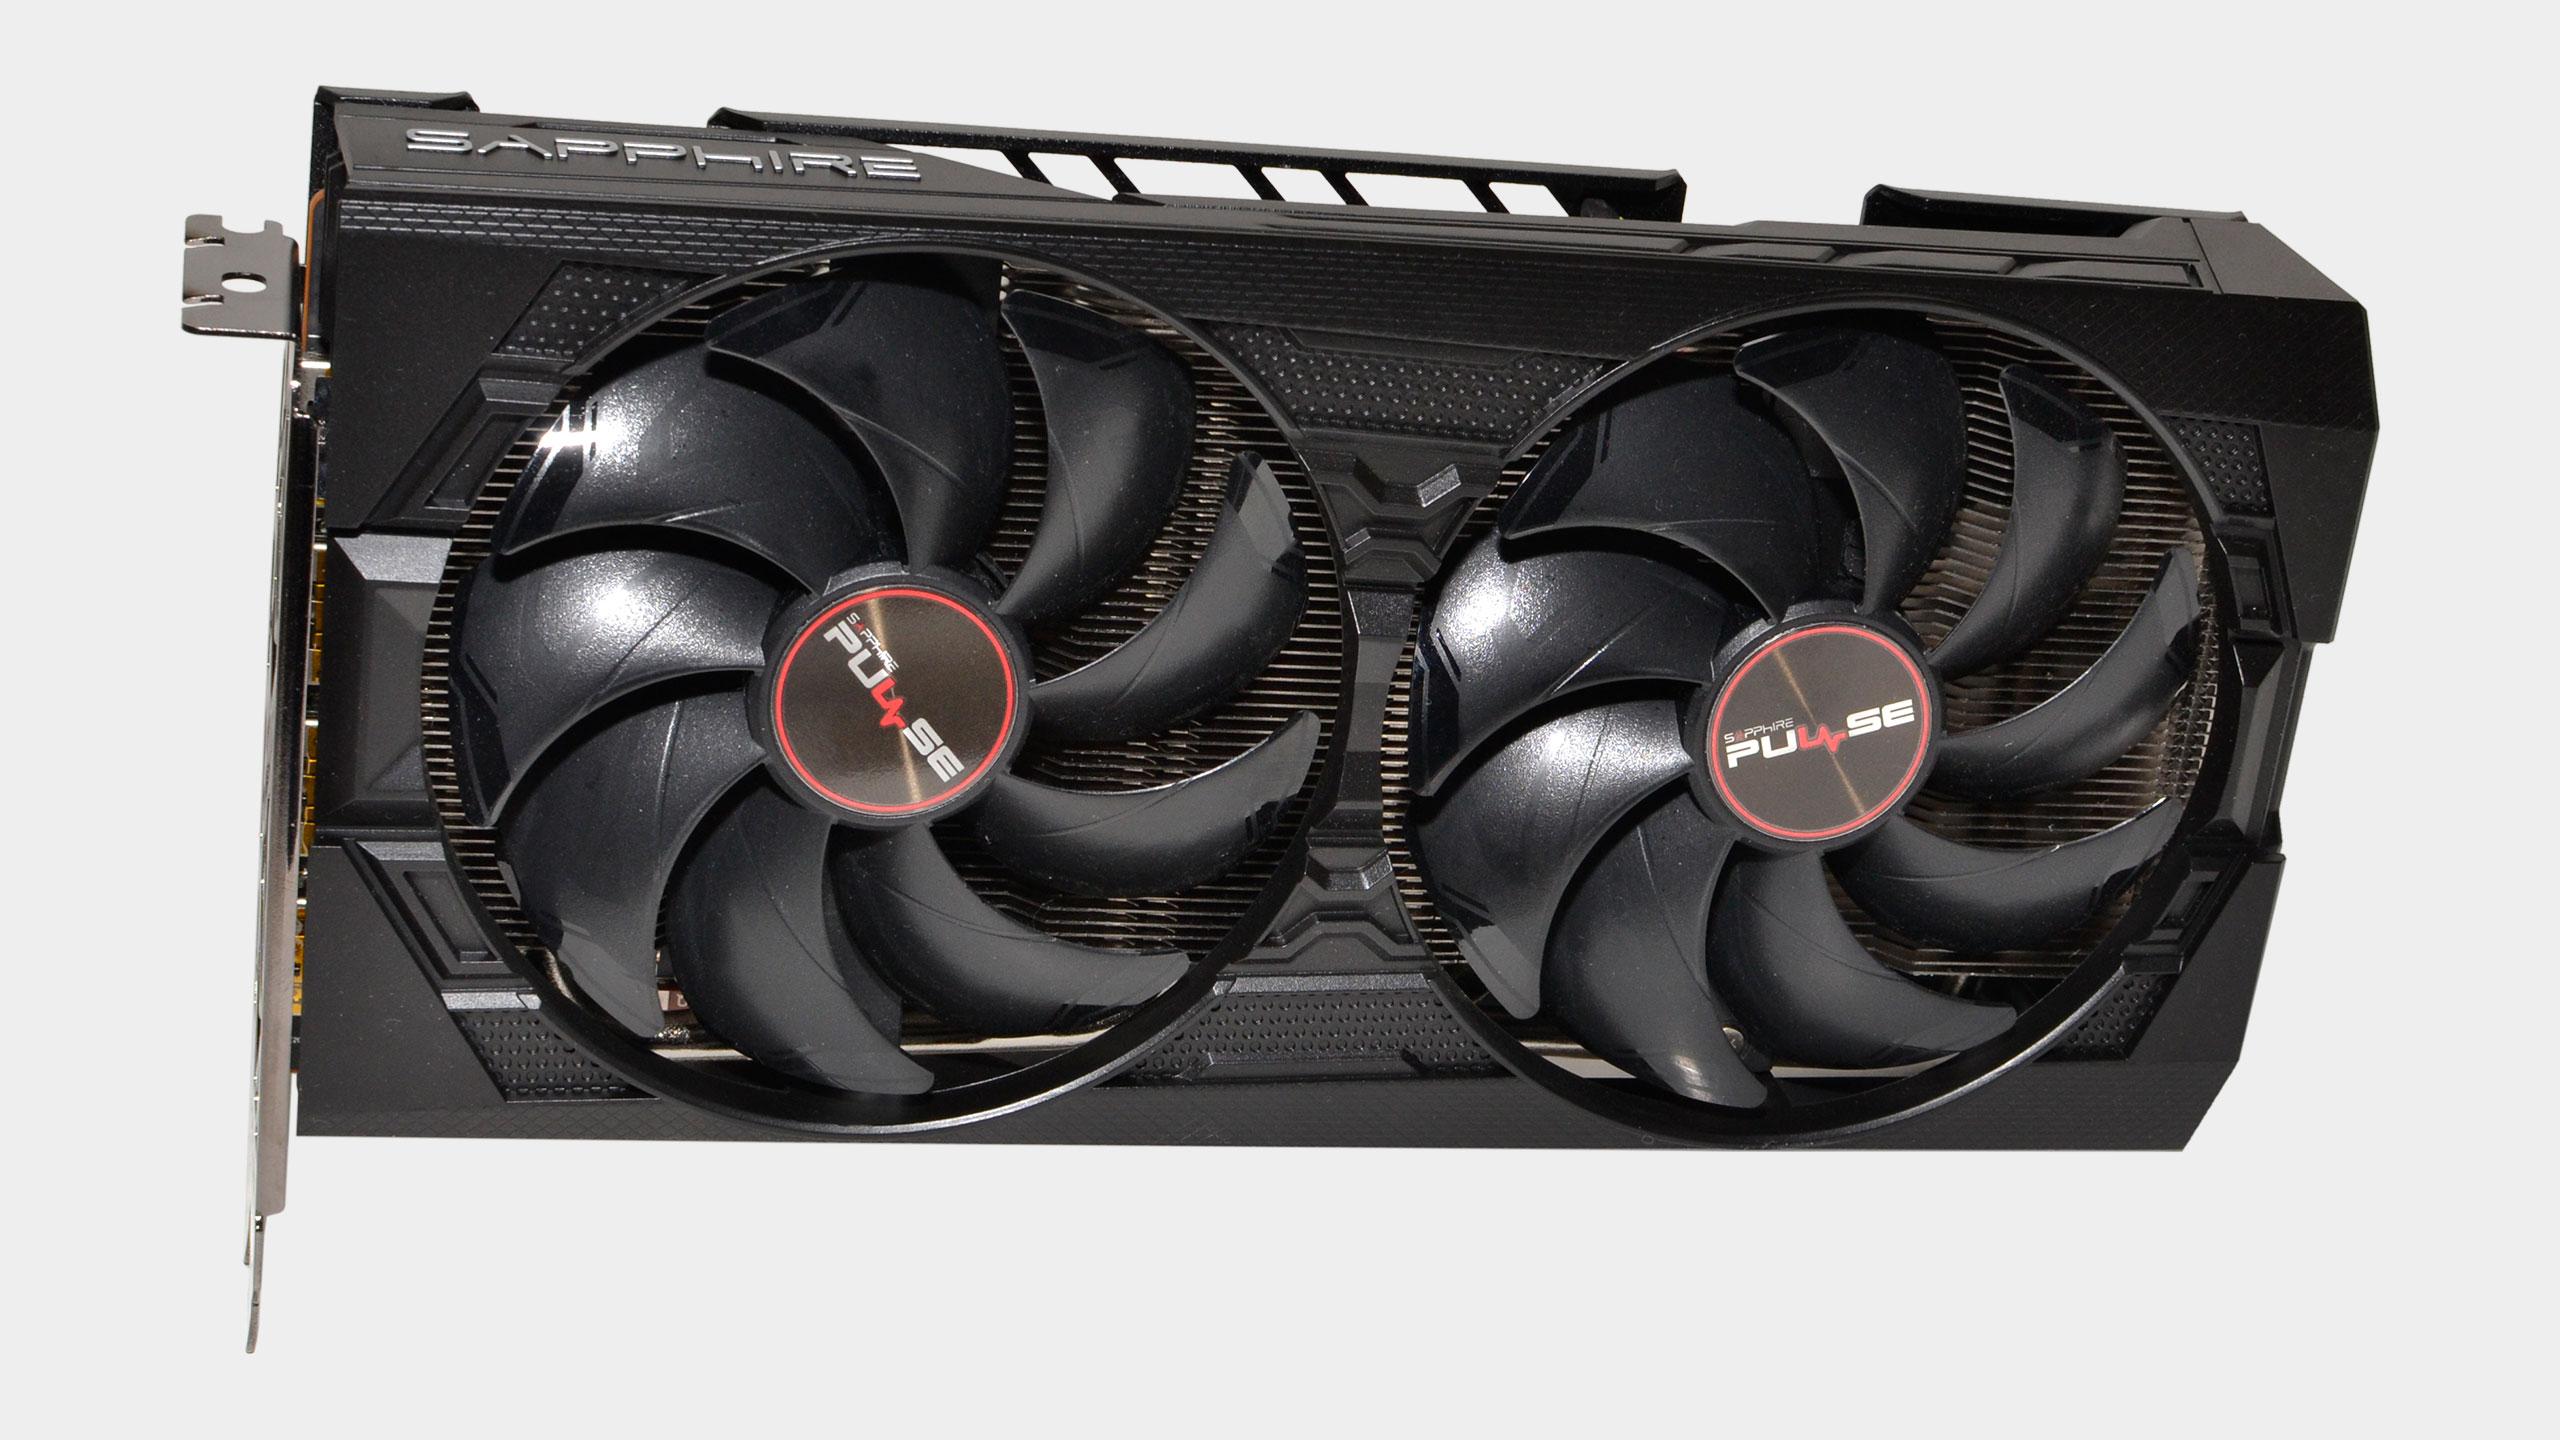 RX 5500 XT, 8GB VRAM